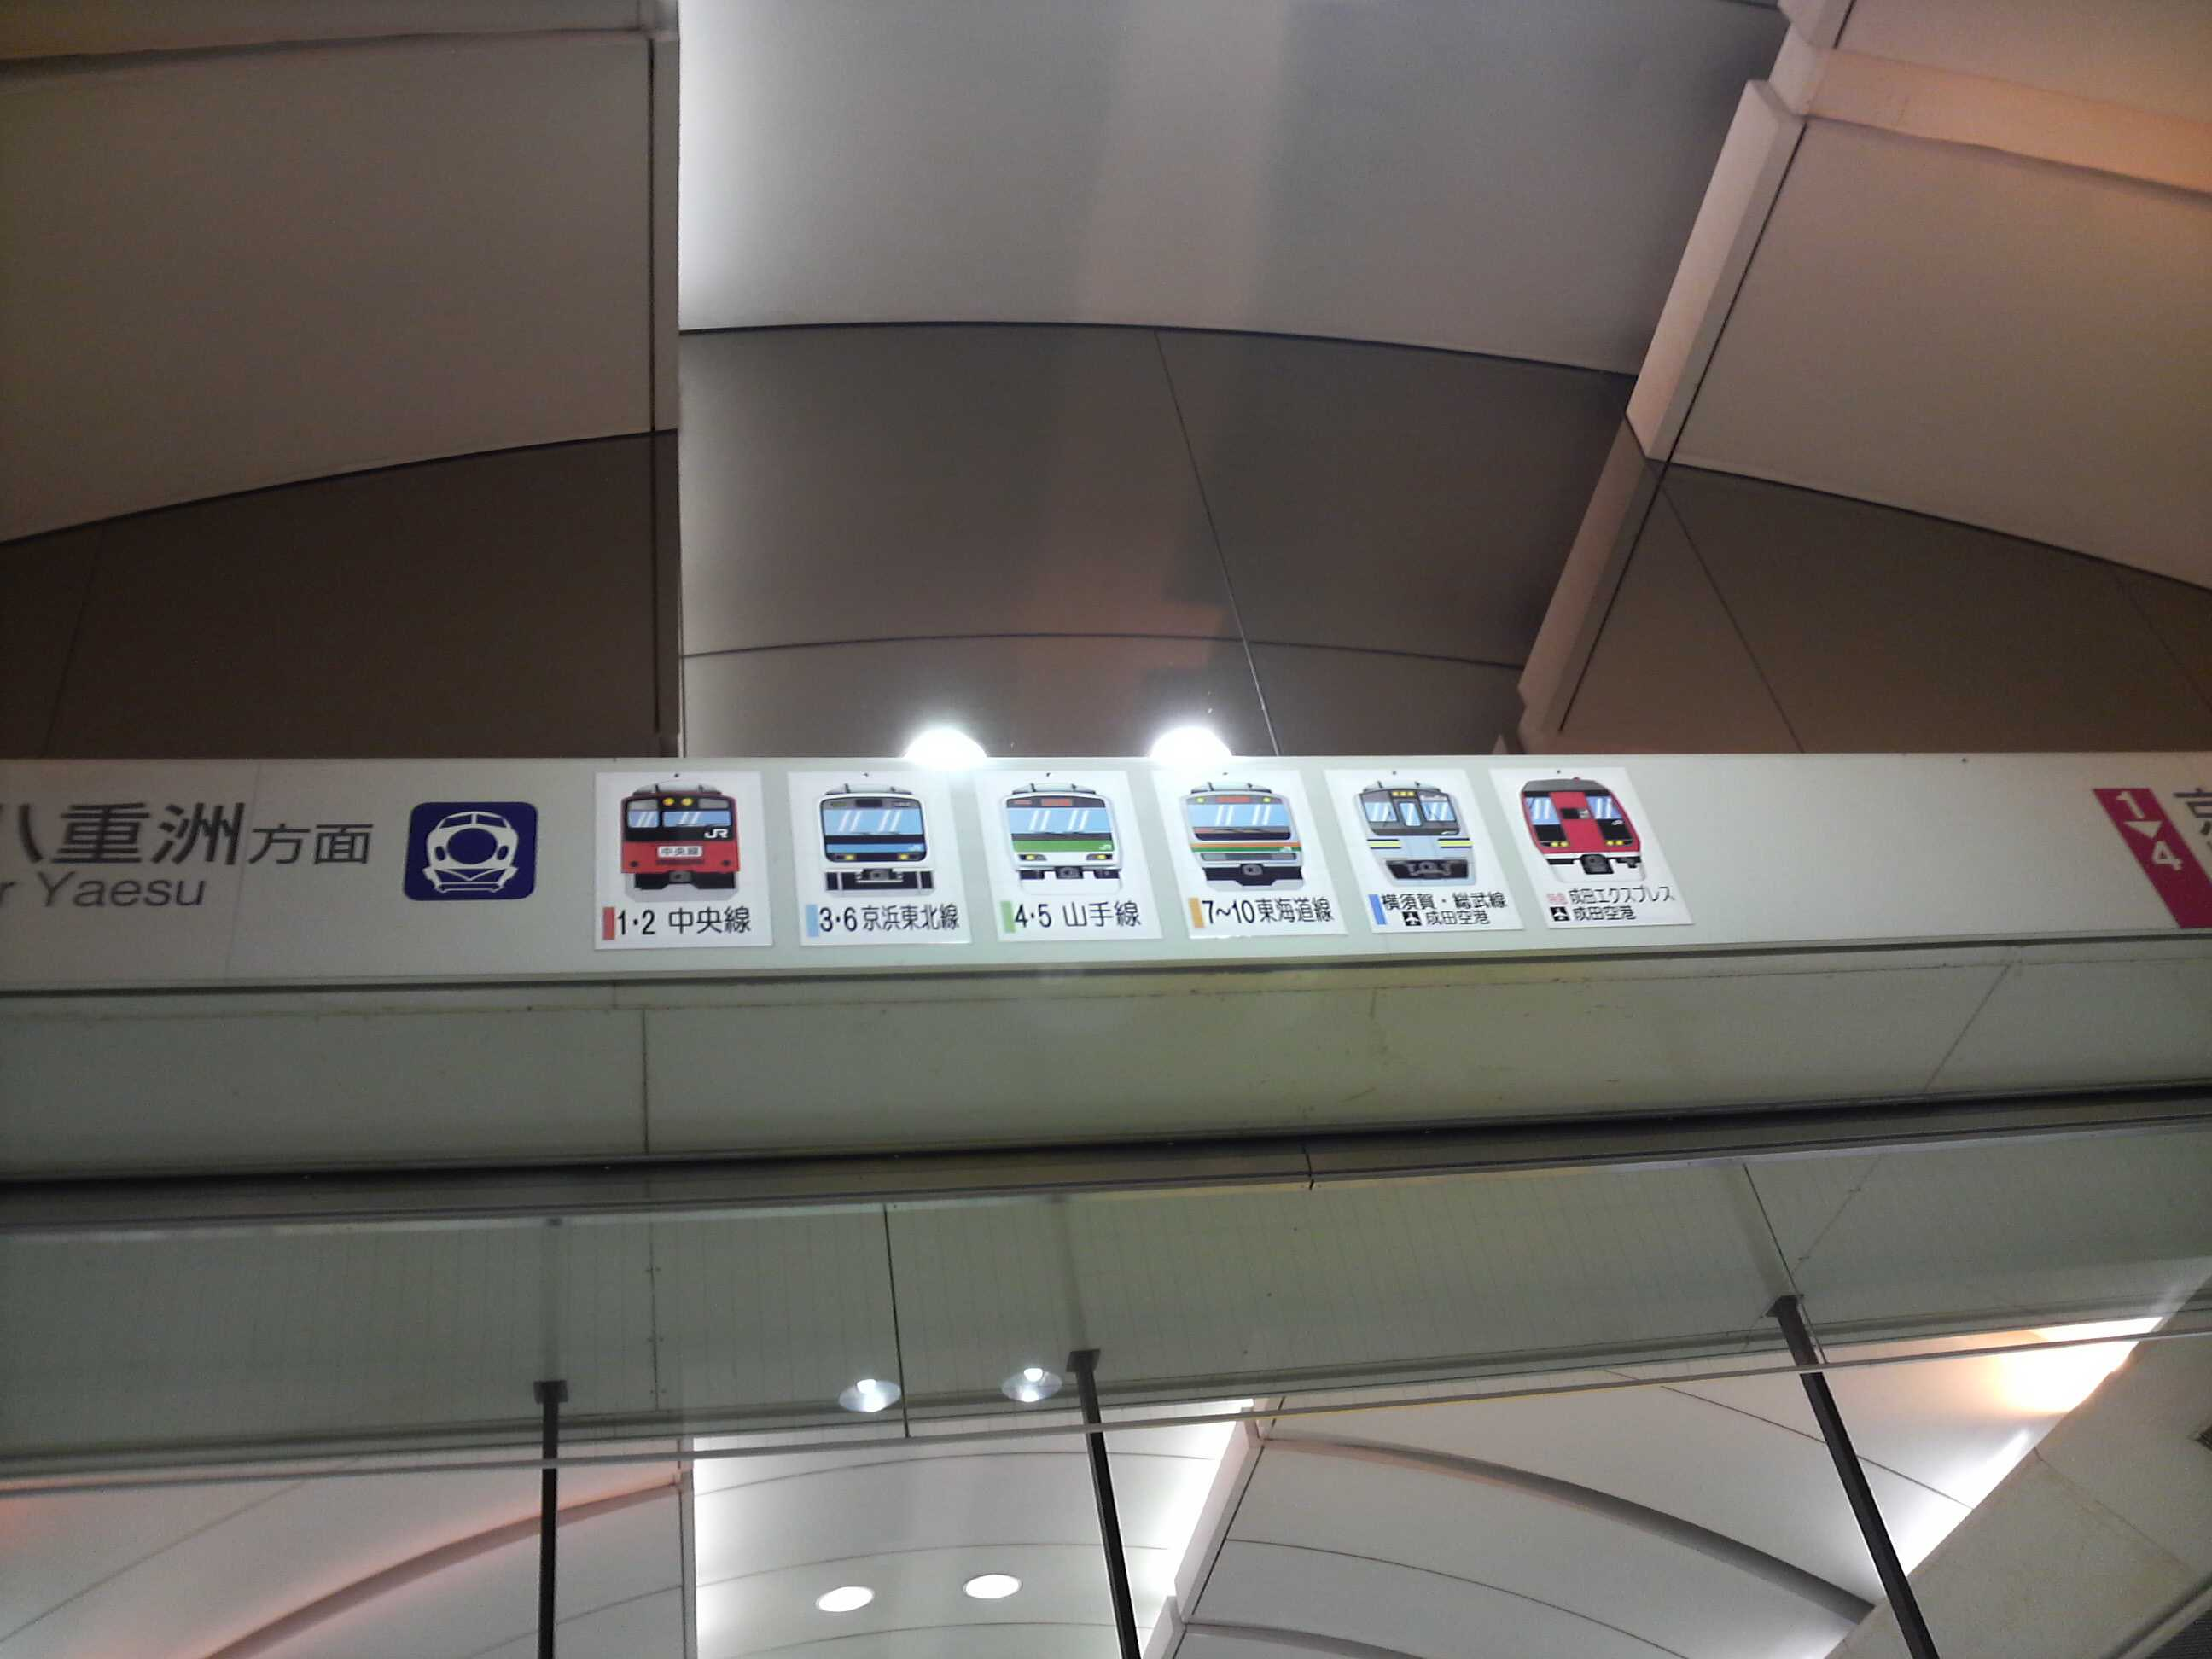 東京駅の乗り換え案内